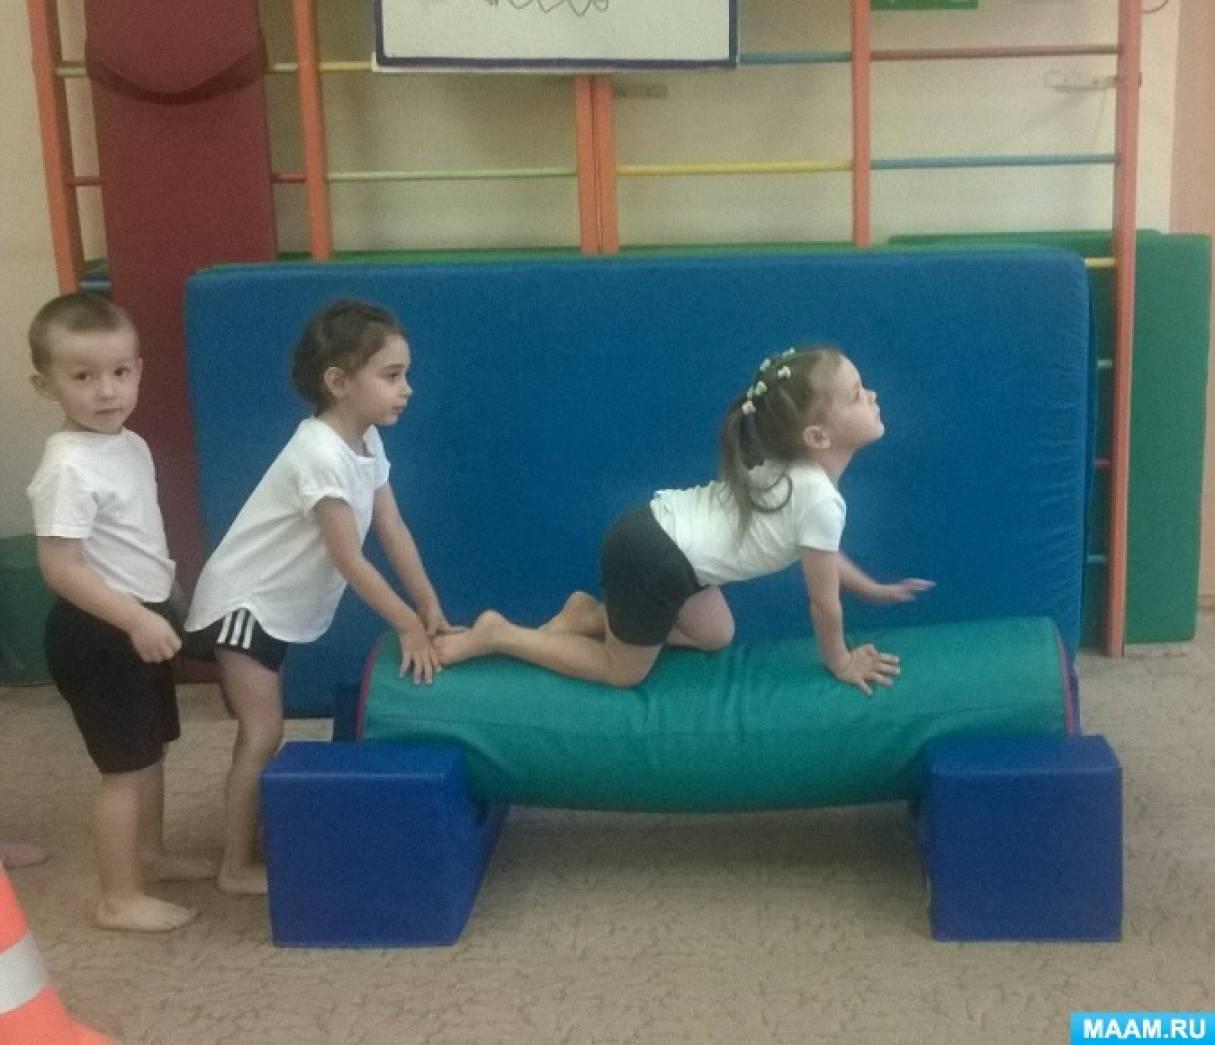 Коррекционно-оздоровительная гимнастика в детском саду как средство профилактики нарушений осанки и плоскостопия